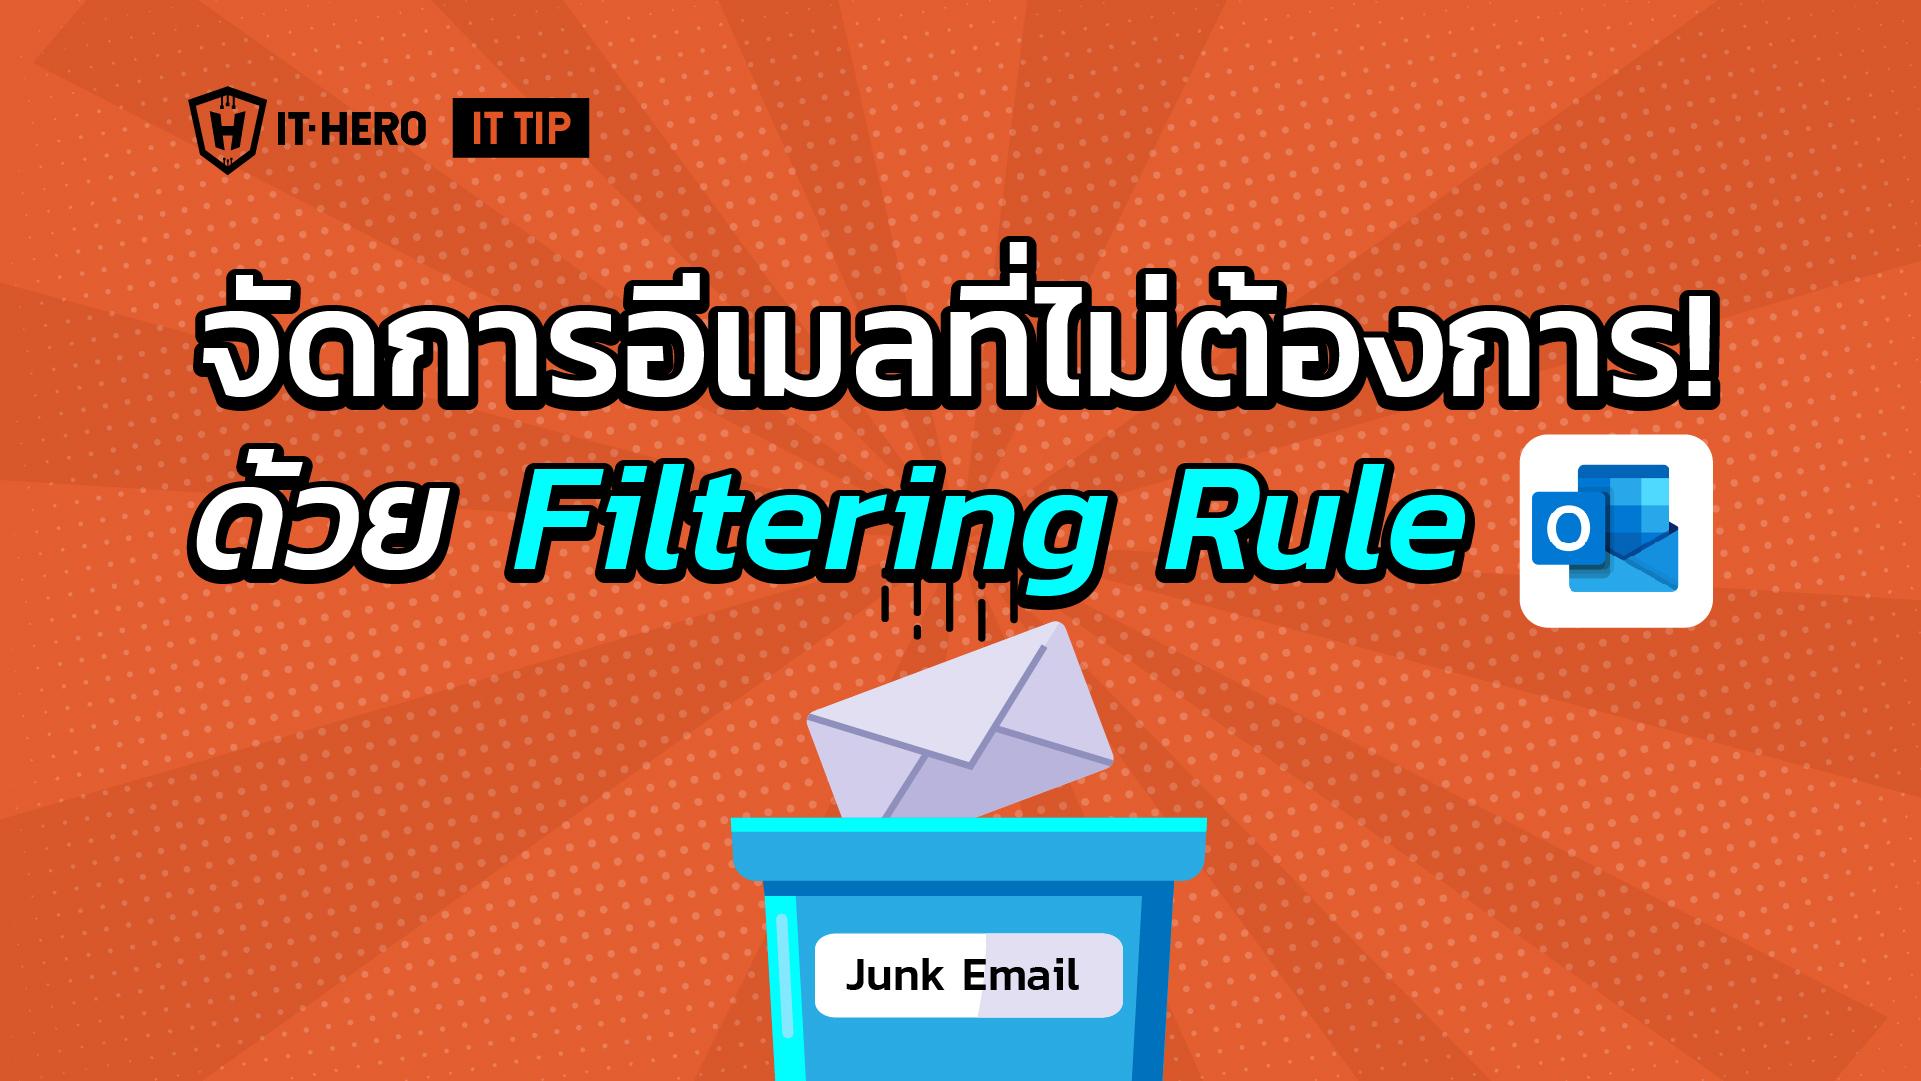 มาจัดการอีเมลแปลกปลอมง่าย ๆ ด้วยการสร้างกฏใน Outlook กัน (Filtering Rule)